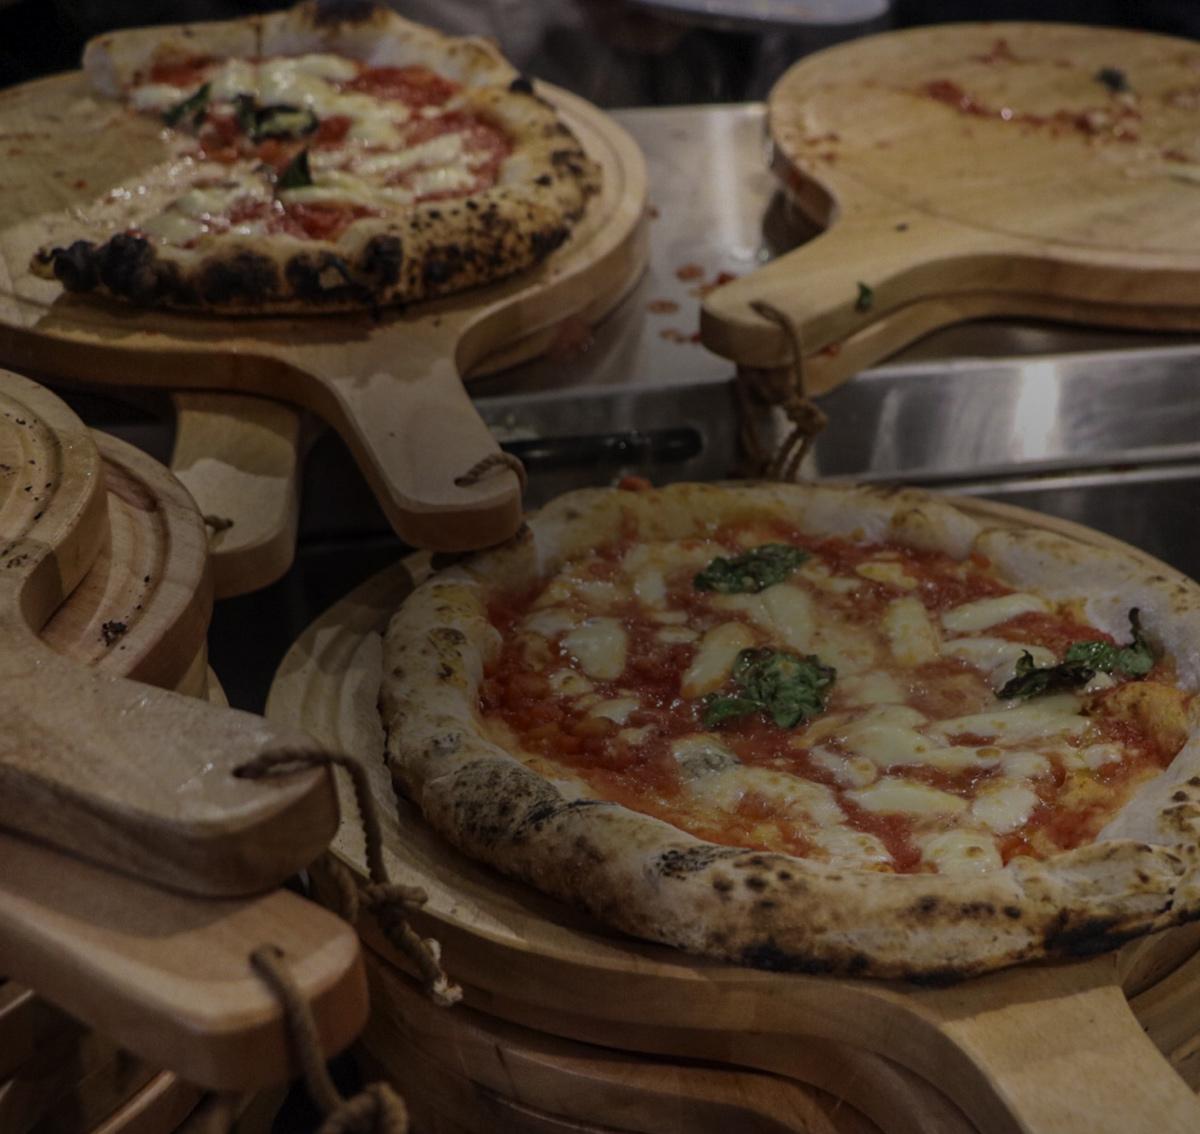 Taller Cover pizza Corto | Taller del Gusto